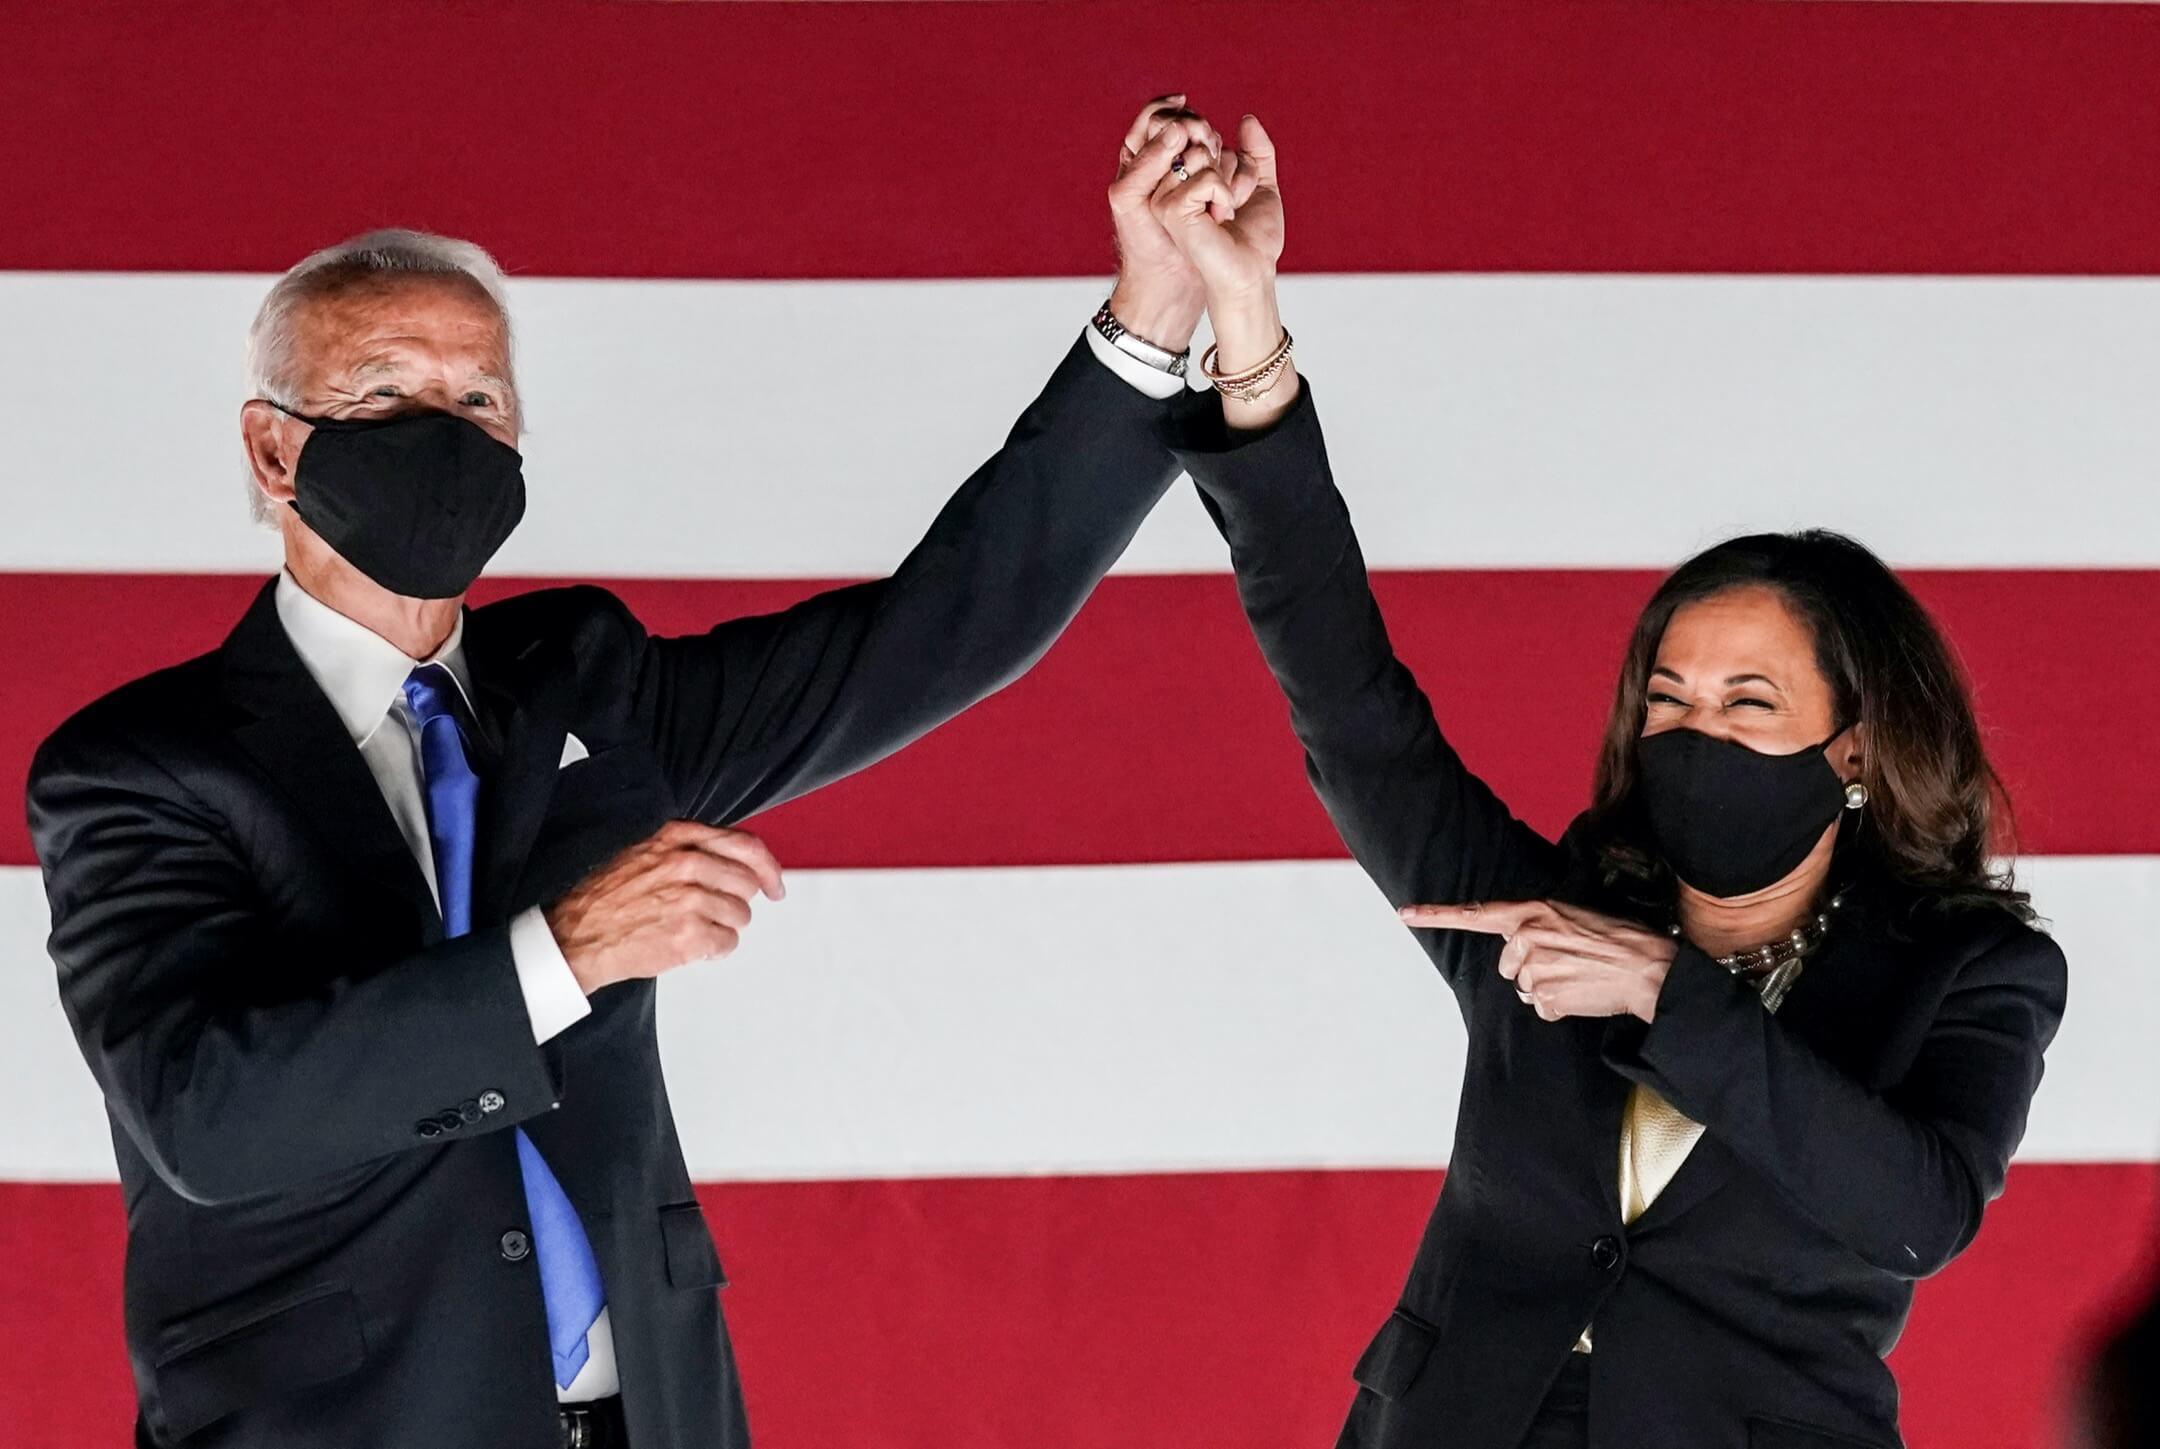 2020年8月20日,美國前副總統拜登與民主黨參議員賀錦麗,在民主黨全國代表大會上接受提名,成為民主黨總統選舉候選人。